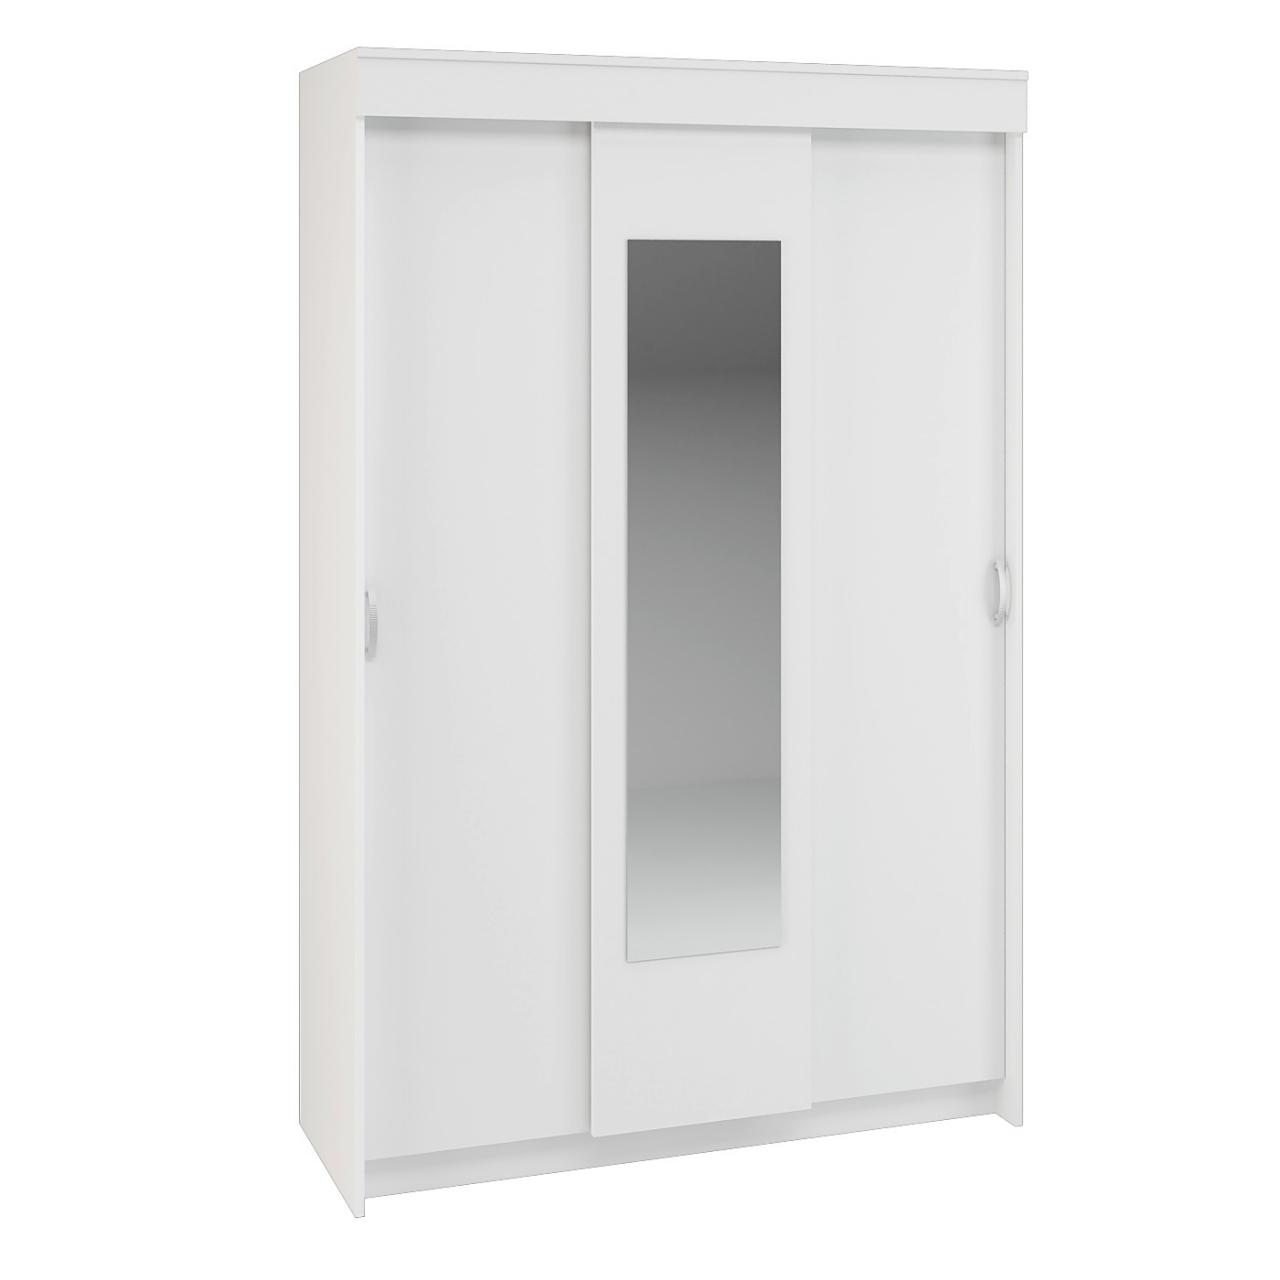 Шкаф-купе Бася 2,0 (белый), 130х50х201 см, Интерьер-Центр